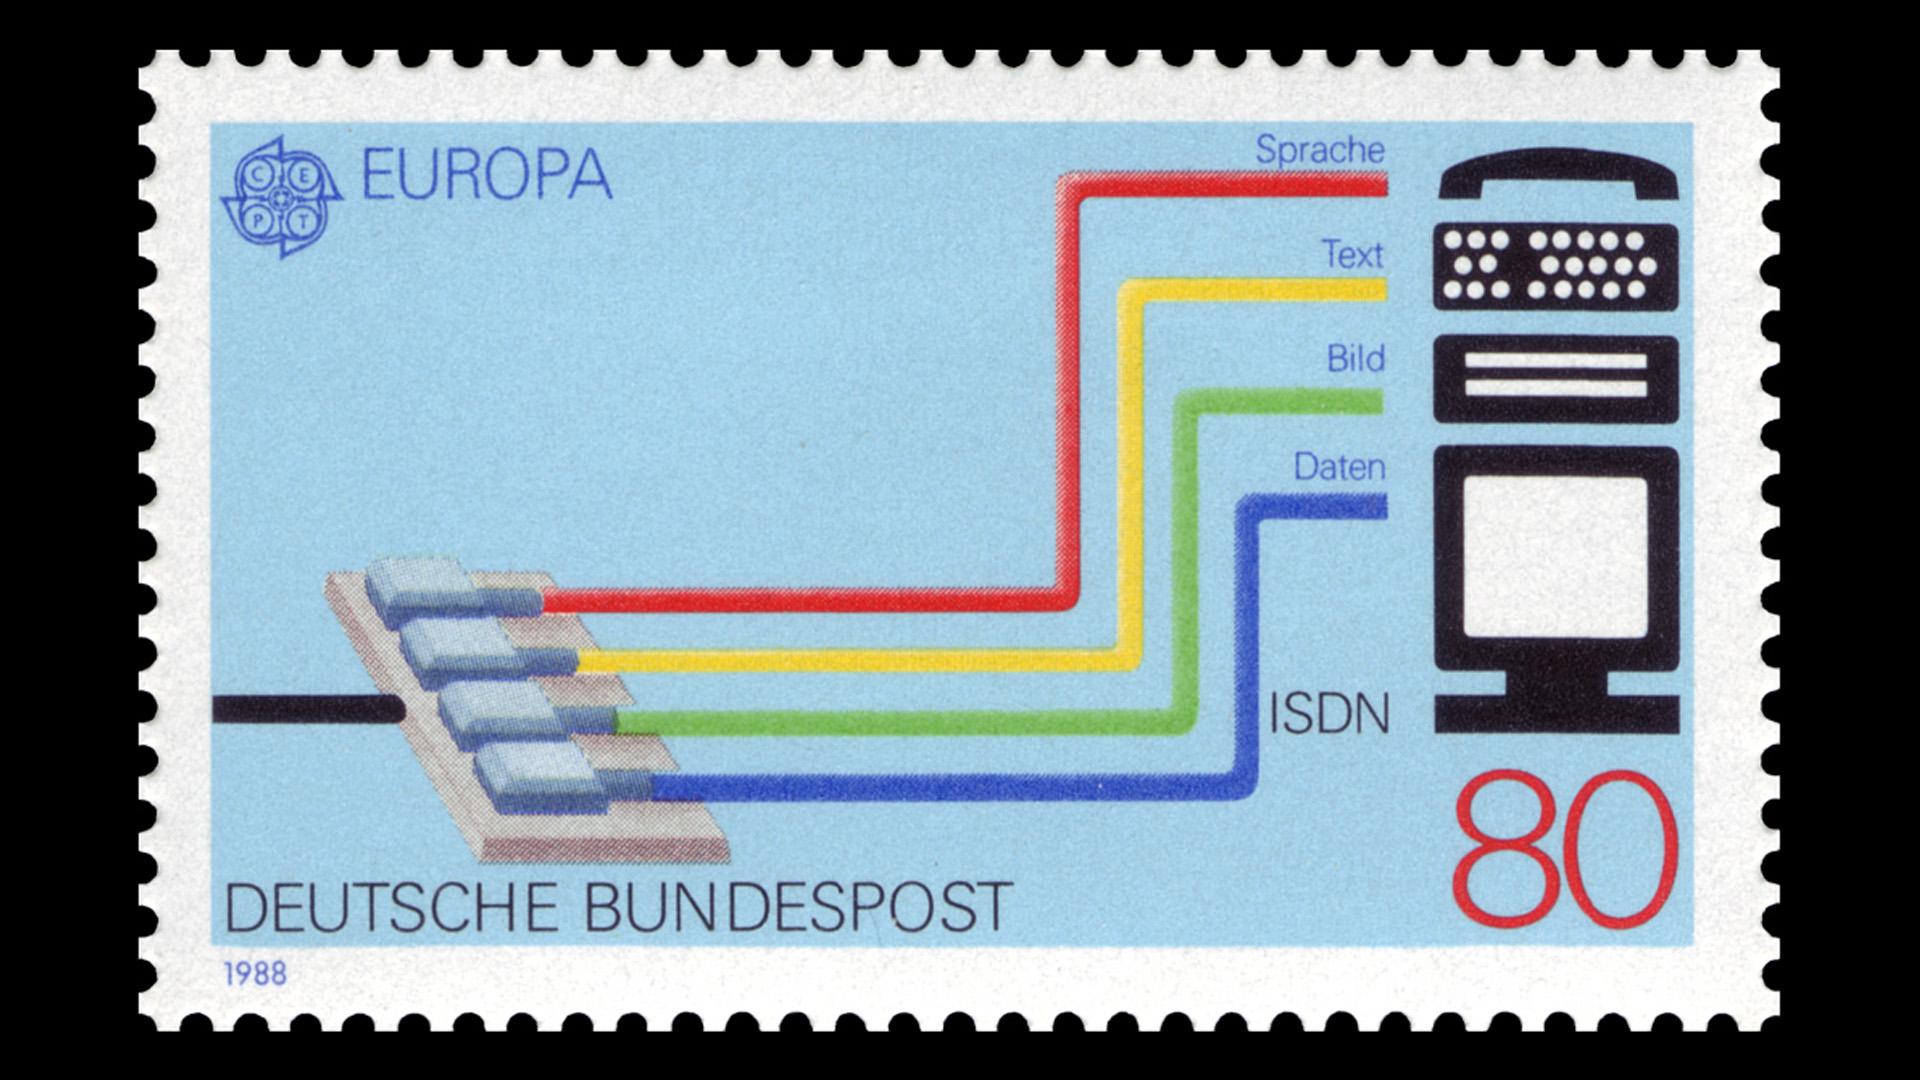 Schneller, genauer, wettbewerbsfähig: Effiziente Daten-Logistik als Motor für den Standort Deutschland – Teil 1